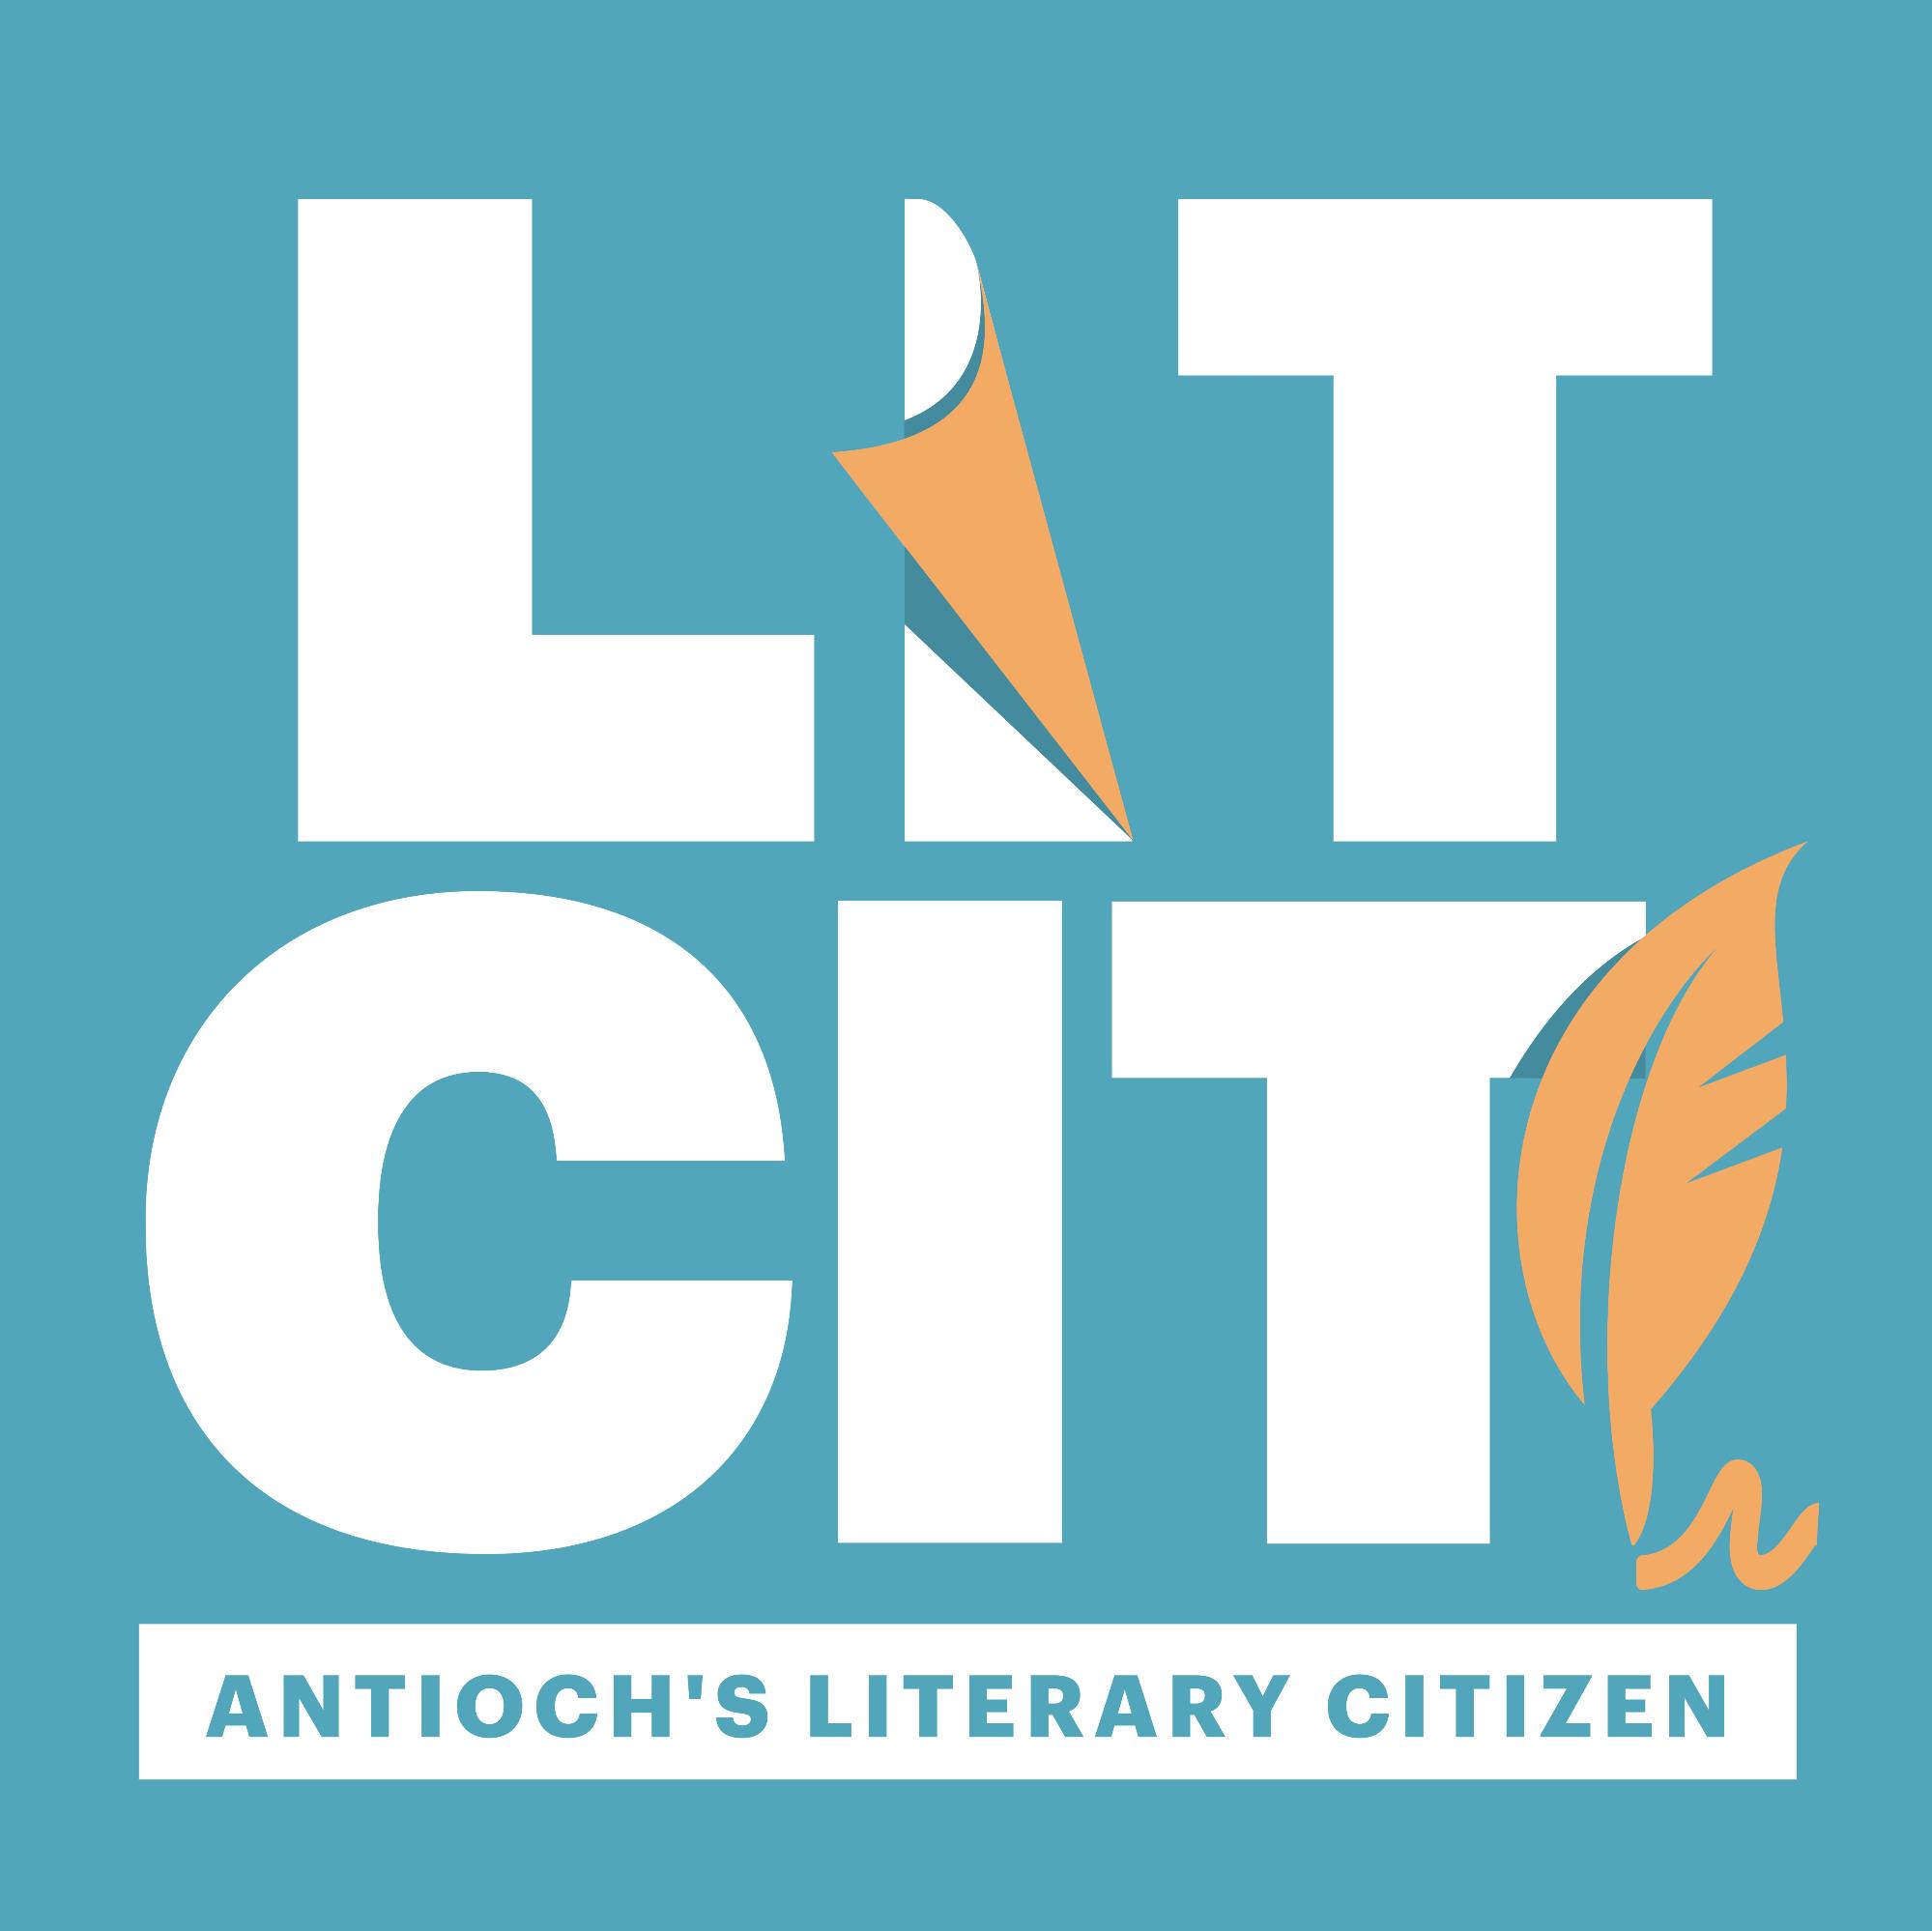 Antioch LitCit #12 Megan Giddings show art